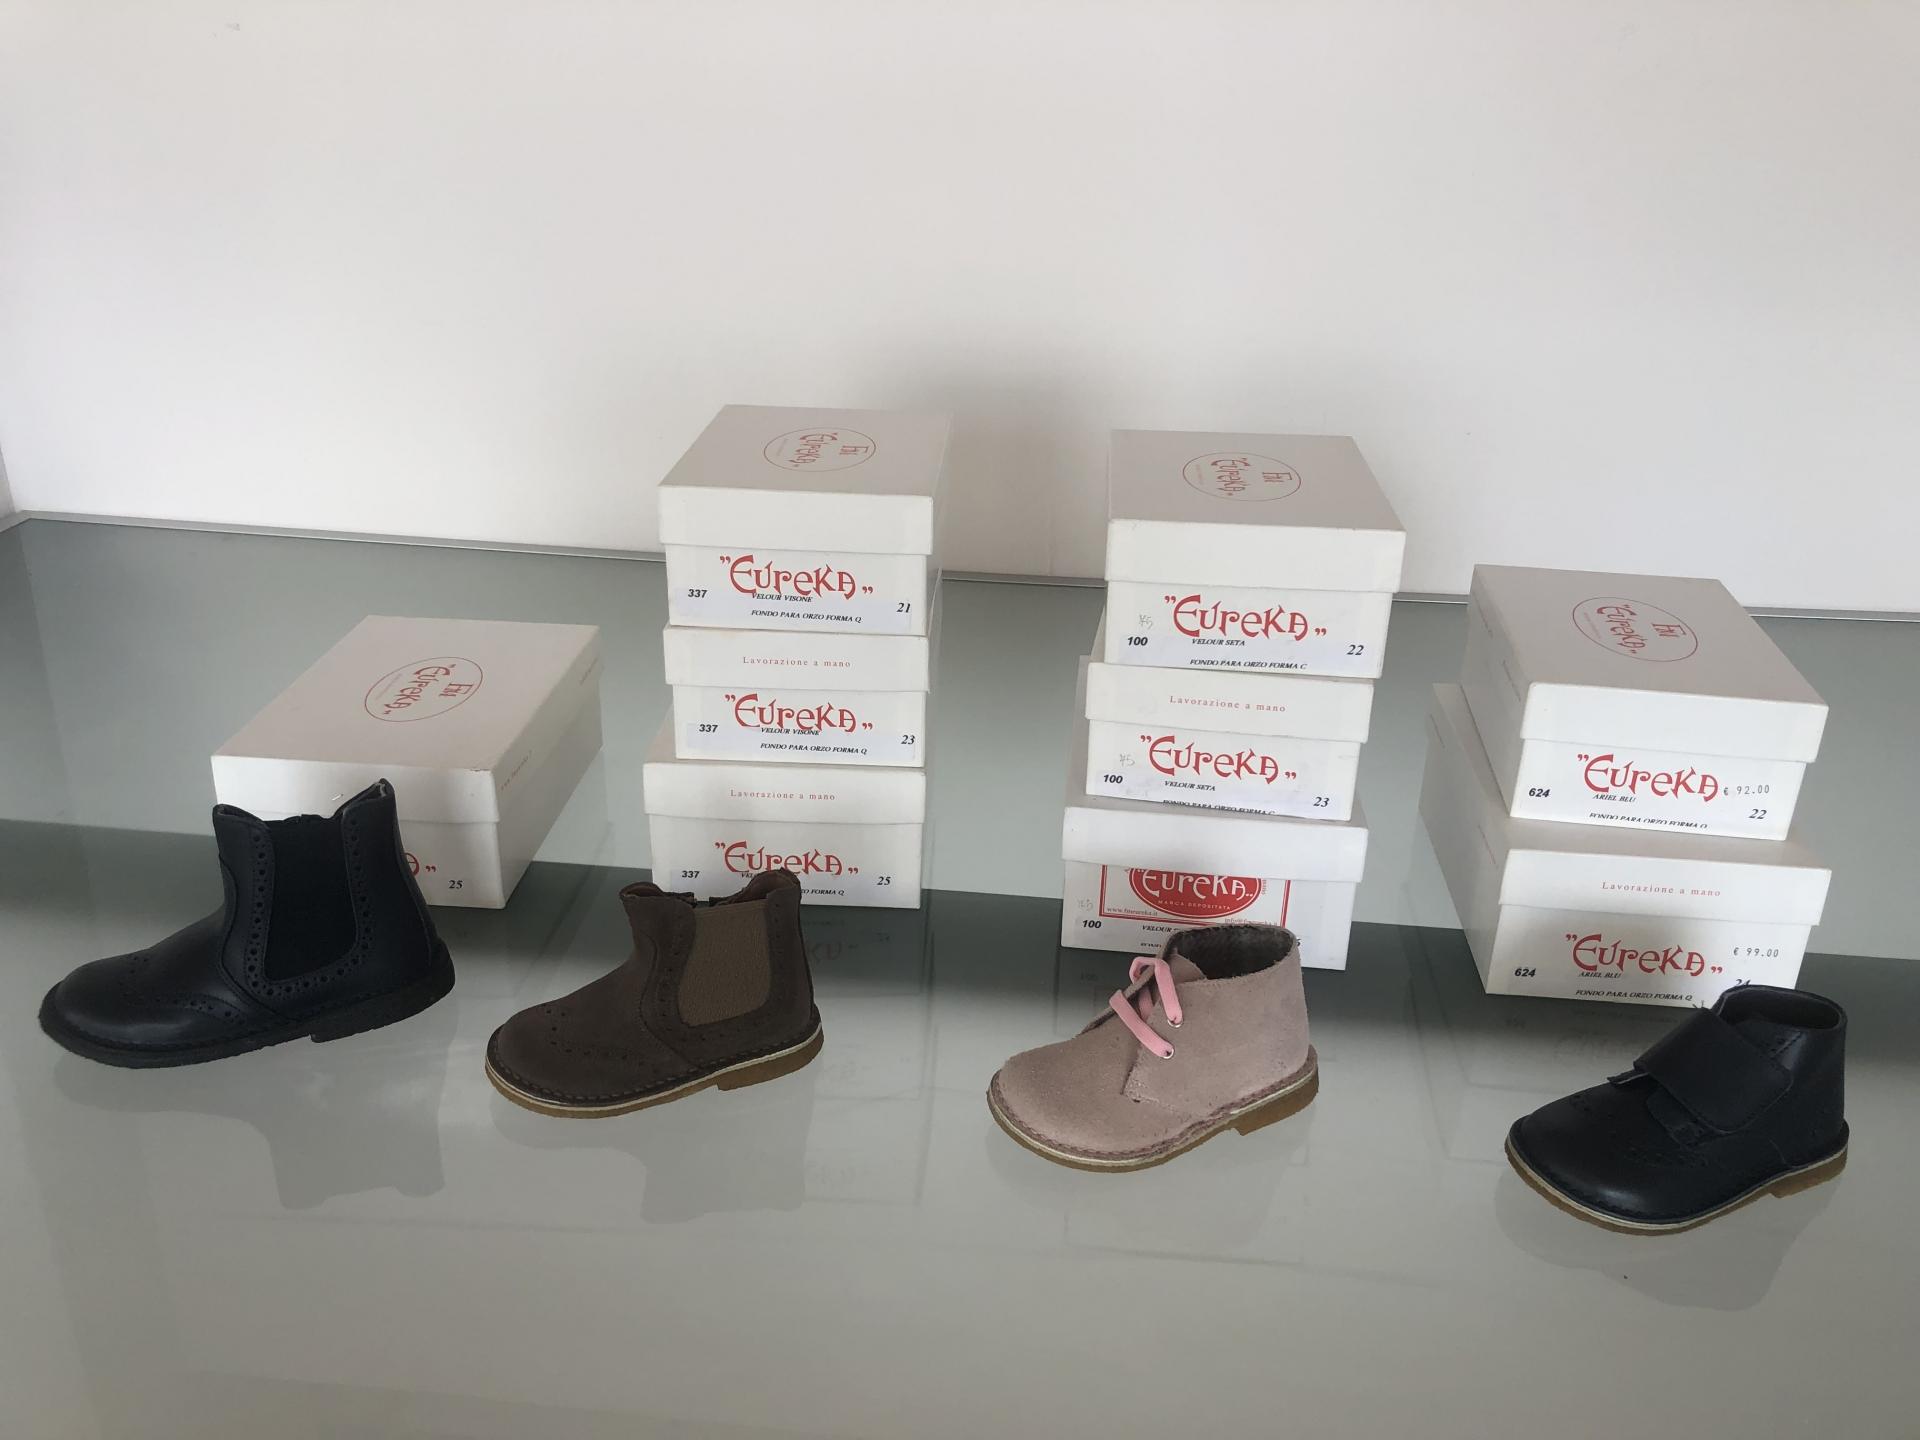 cerca le ultime vendita più economica nuovi stili stock scarpe Eureka bambino invernali   Italian Stock